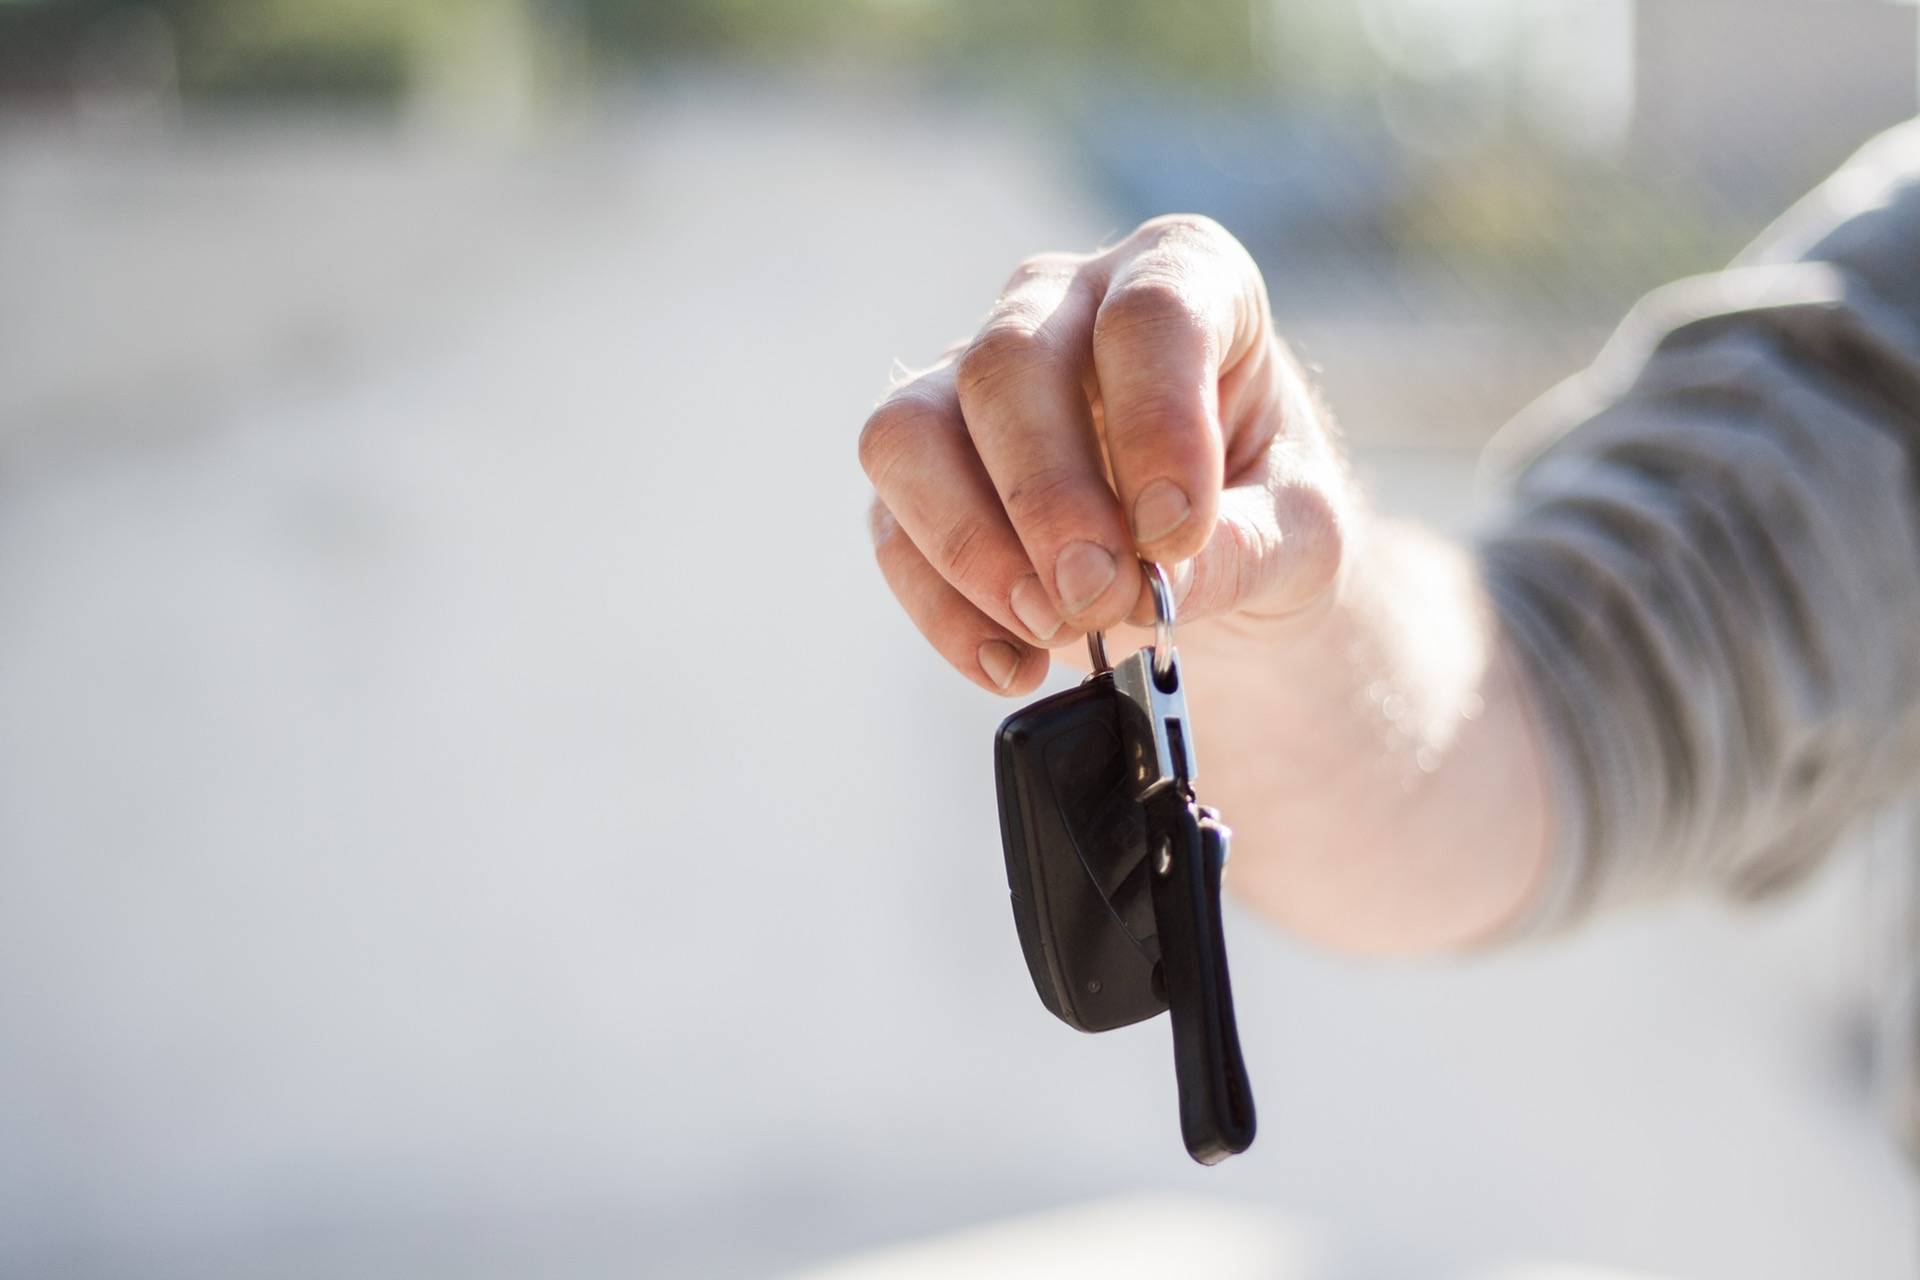 #Startup : Vroomly la start-up qui s'apprête à simplifier votre visite au garage auto !